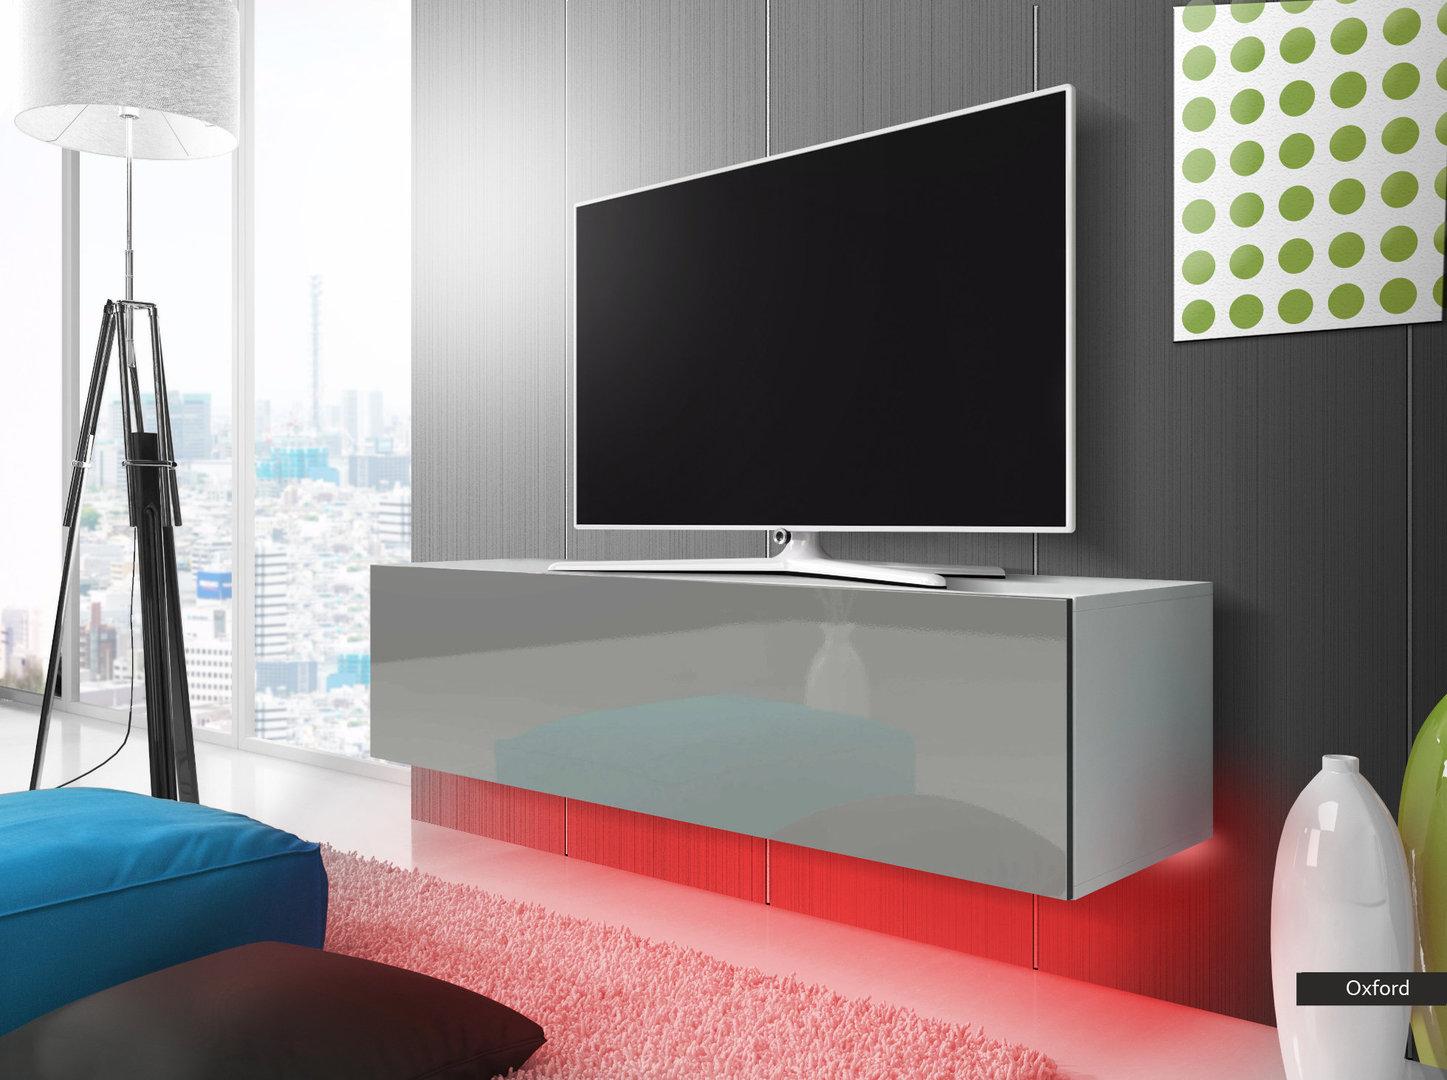 Oxford mobile porta tv moderno con luci a led, portatv